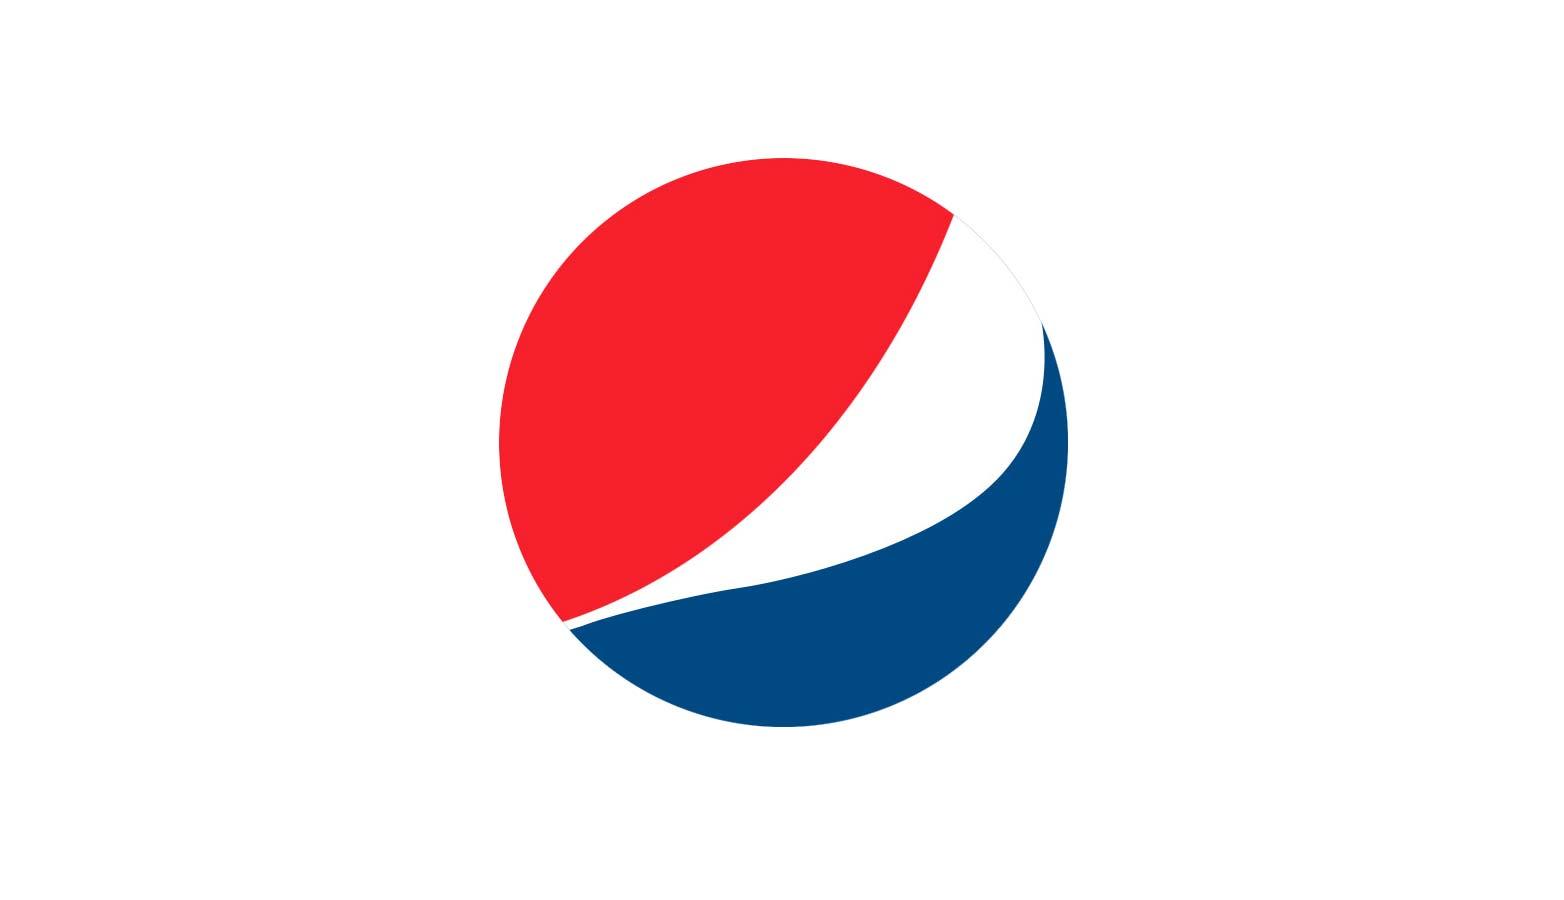 New_Pepsi